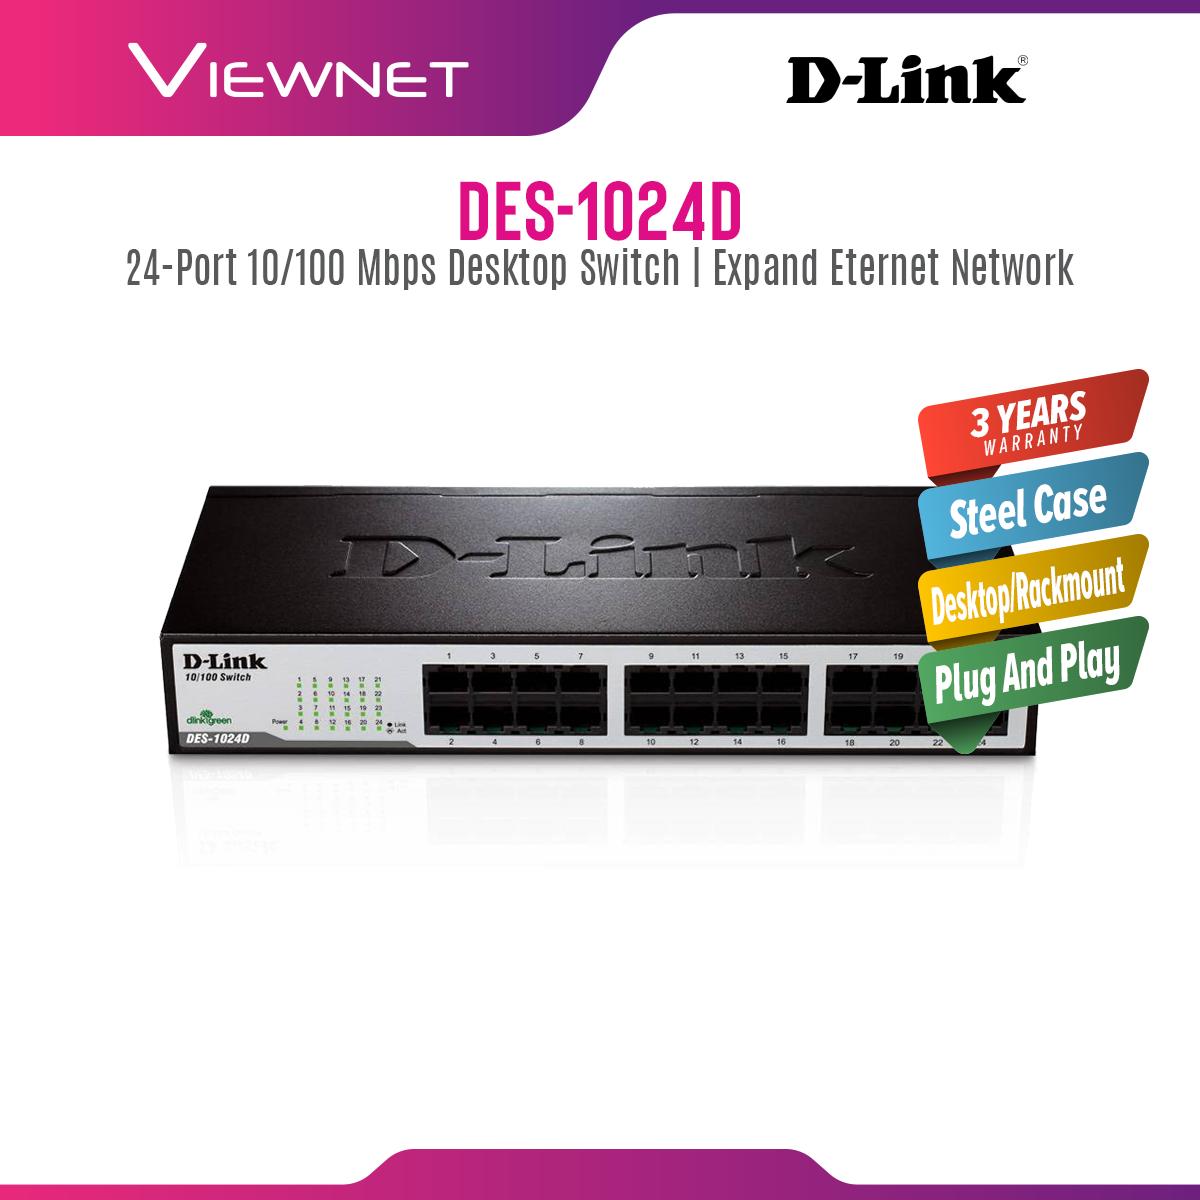 D-Link DES-1024D 24-Port Fast Ethernet Desktop/Rackmount Switch In Metal Casing